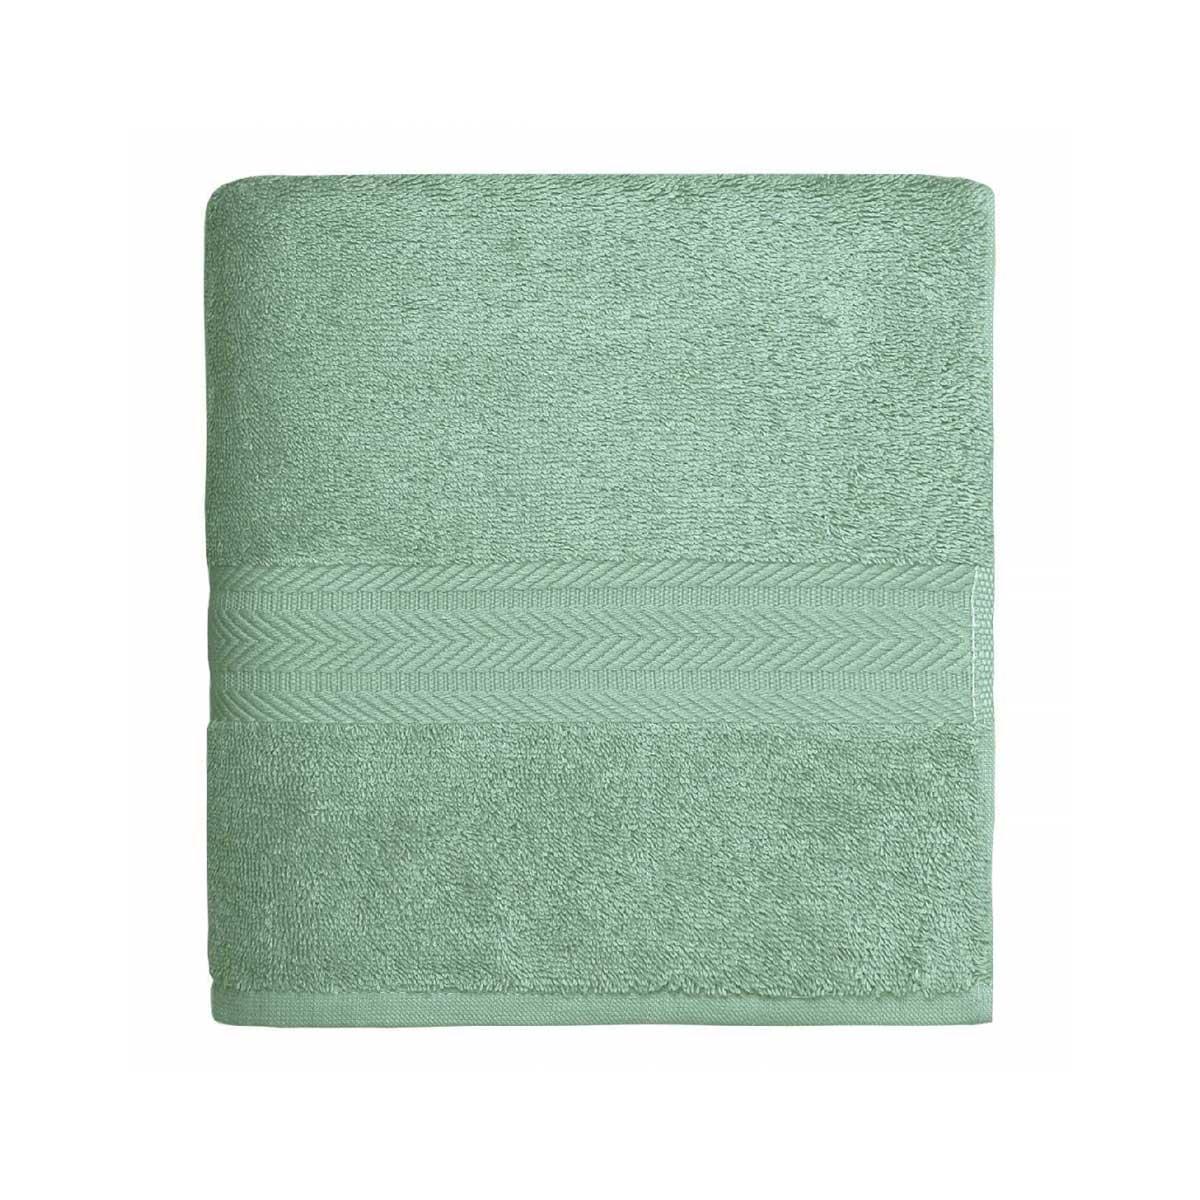 Linge de bain en coton moelleux 550gr/m² - Céladon - 50 x 100 cm